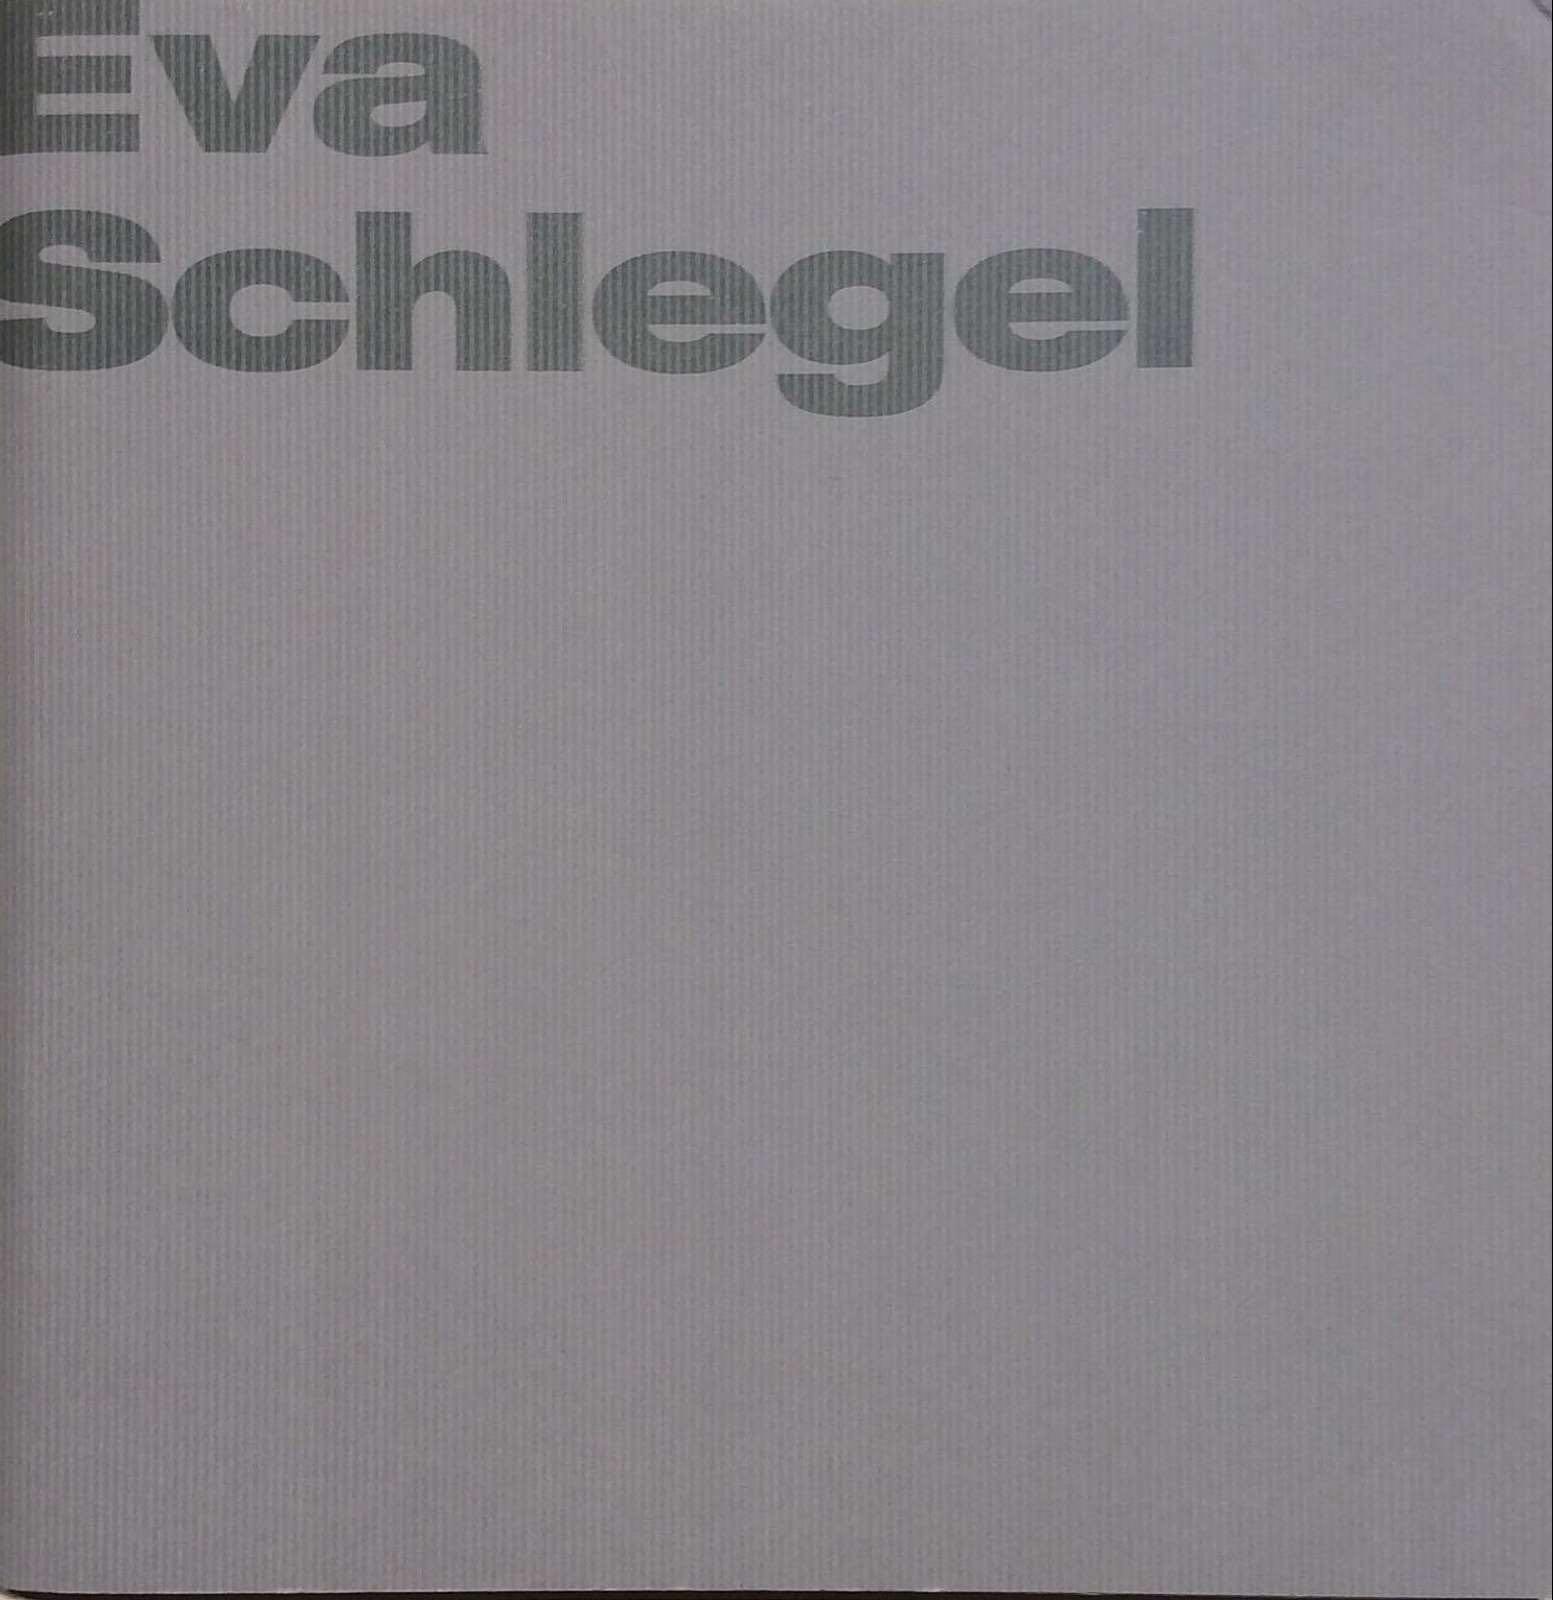 Bjerregaard, Galleri Bo & Eva Schlegel. Nye værker